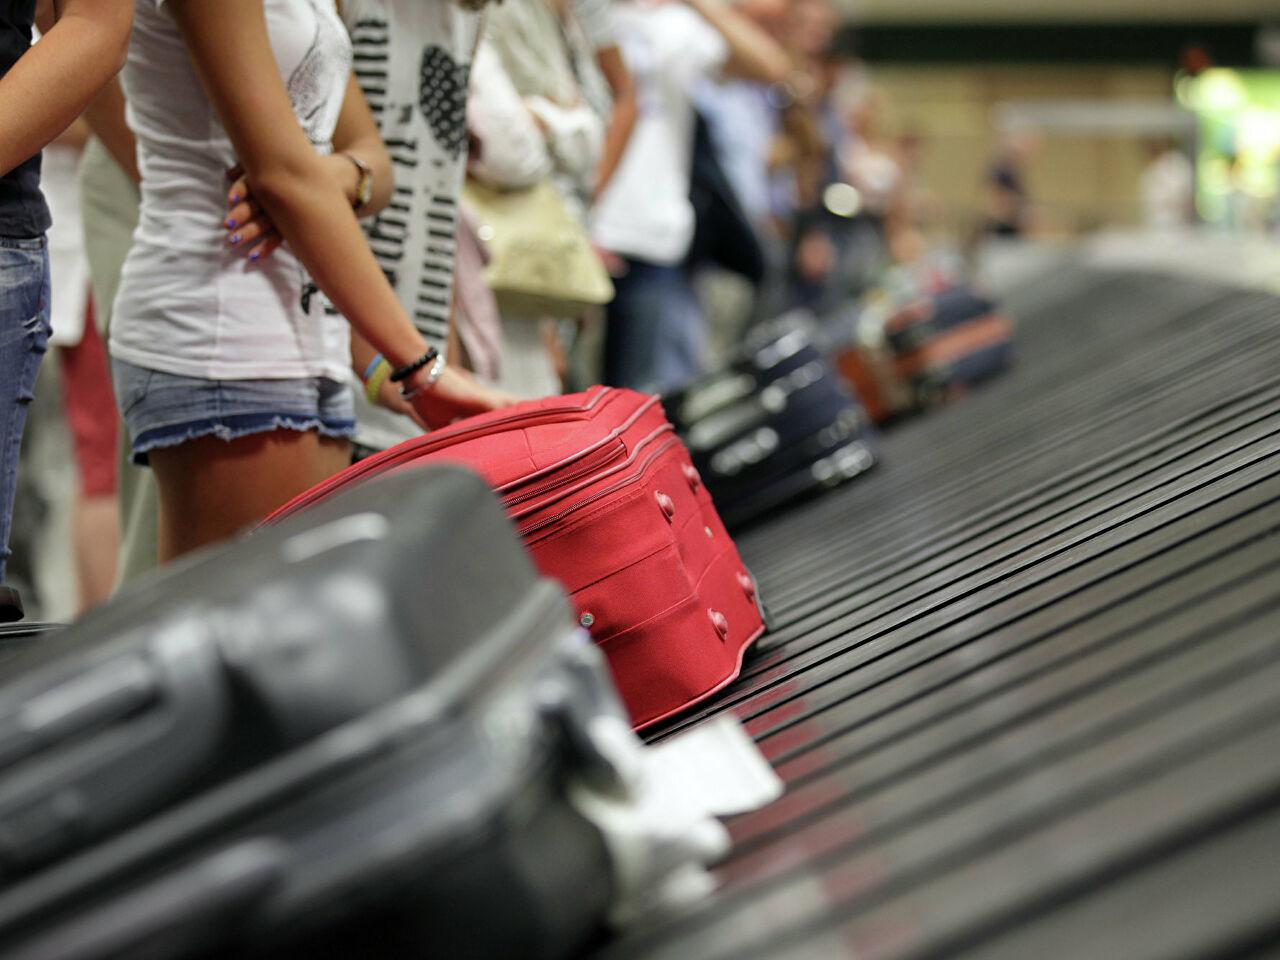 Украинки в самолете из Турции устроили драку – к трапу срочно вызвали скорую и полицию